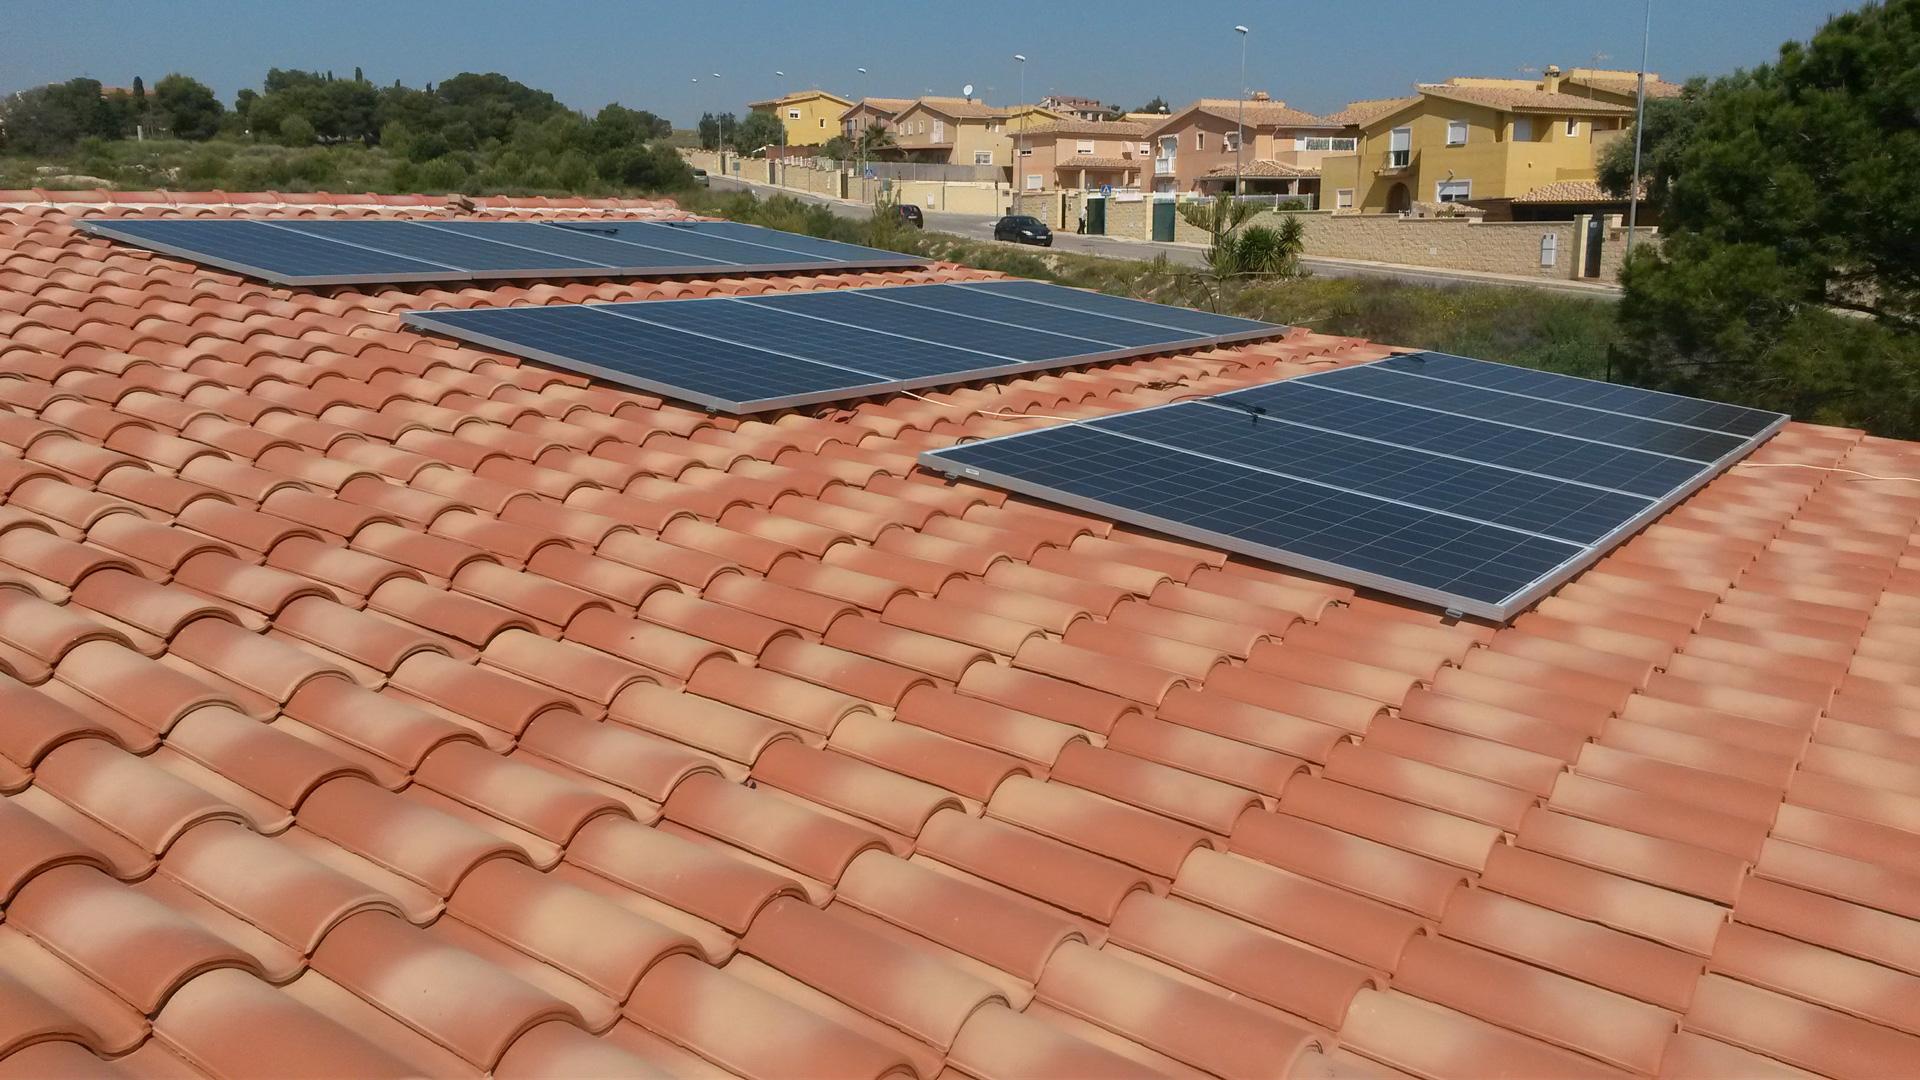 solaire photovoltaique domestique - Demande de devis installation solaire - Demande de devis installation solaire